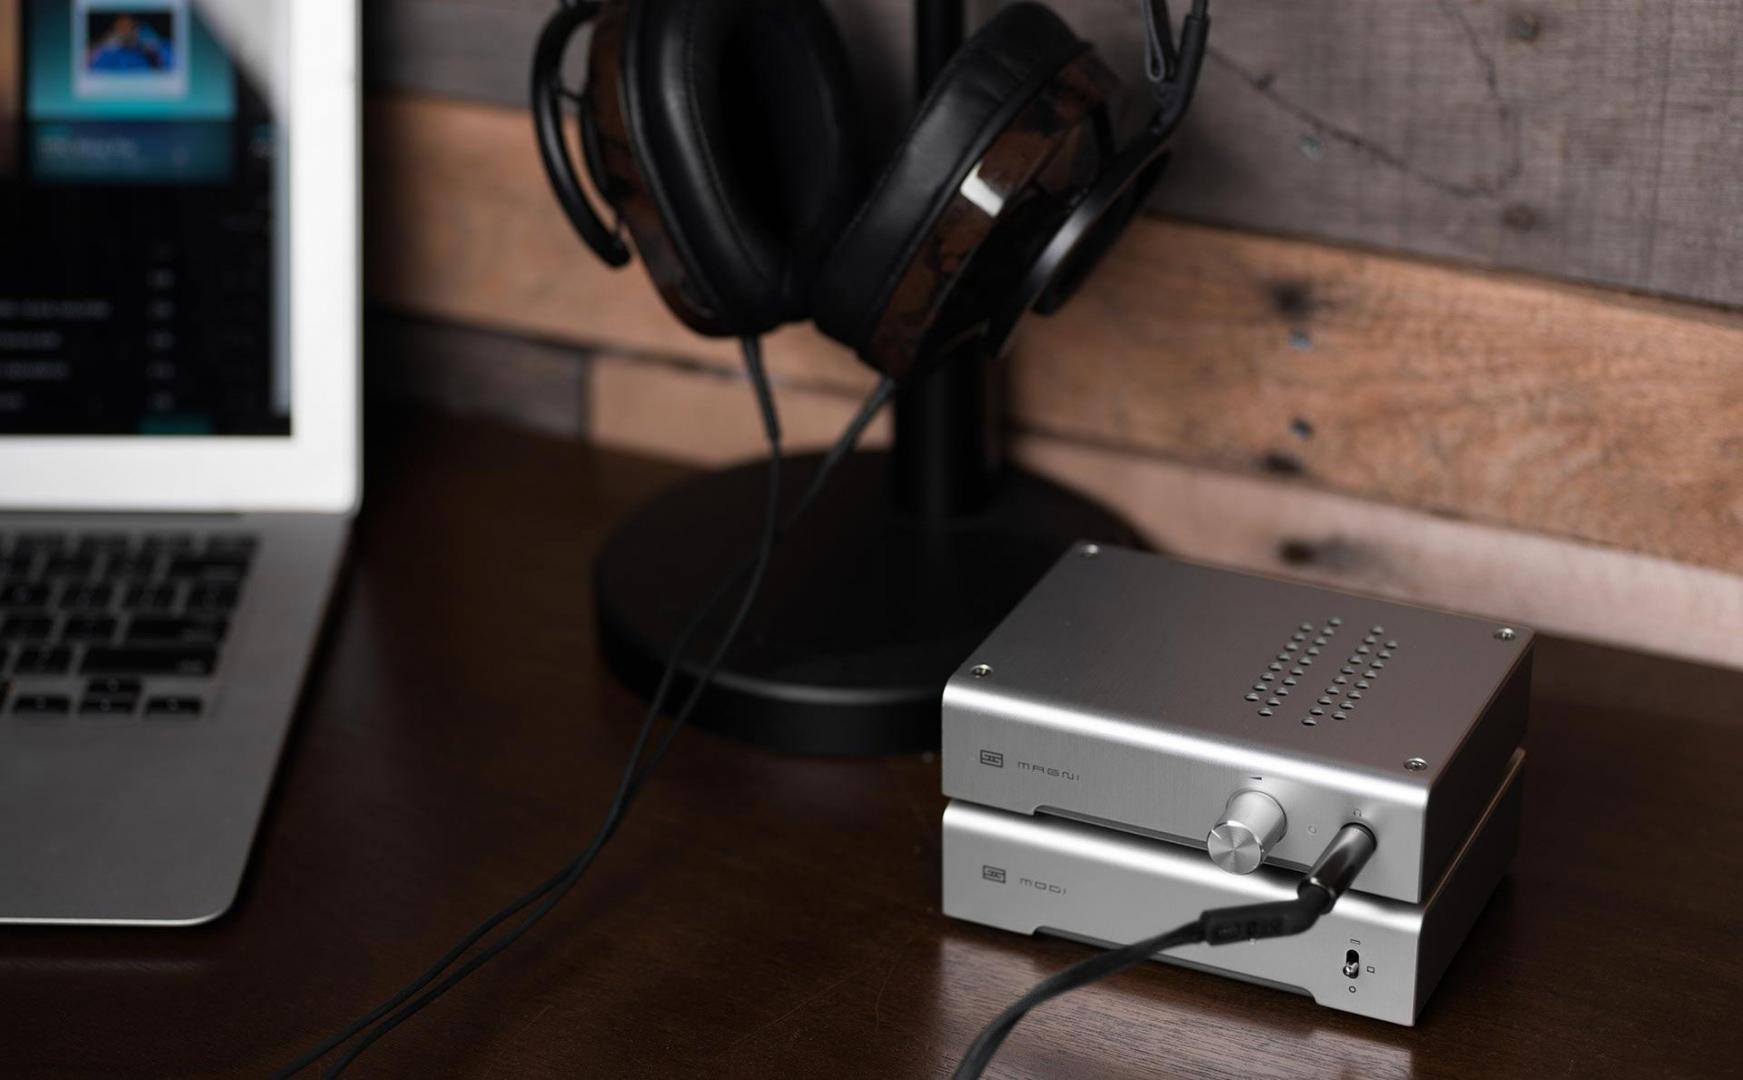 Schiit ra mắt DAC Modi 3: thêm cổng kết nối, hỗ trợ các thiết bị di động, giá 99$